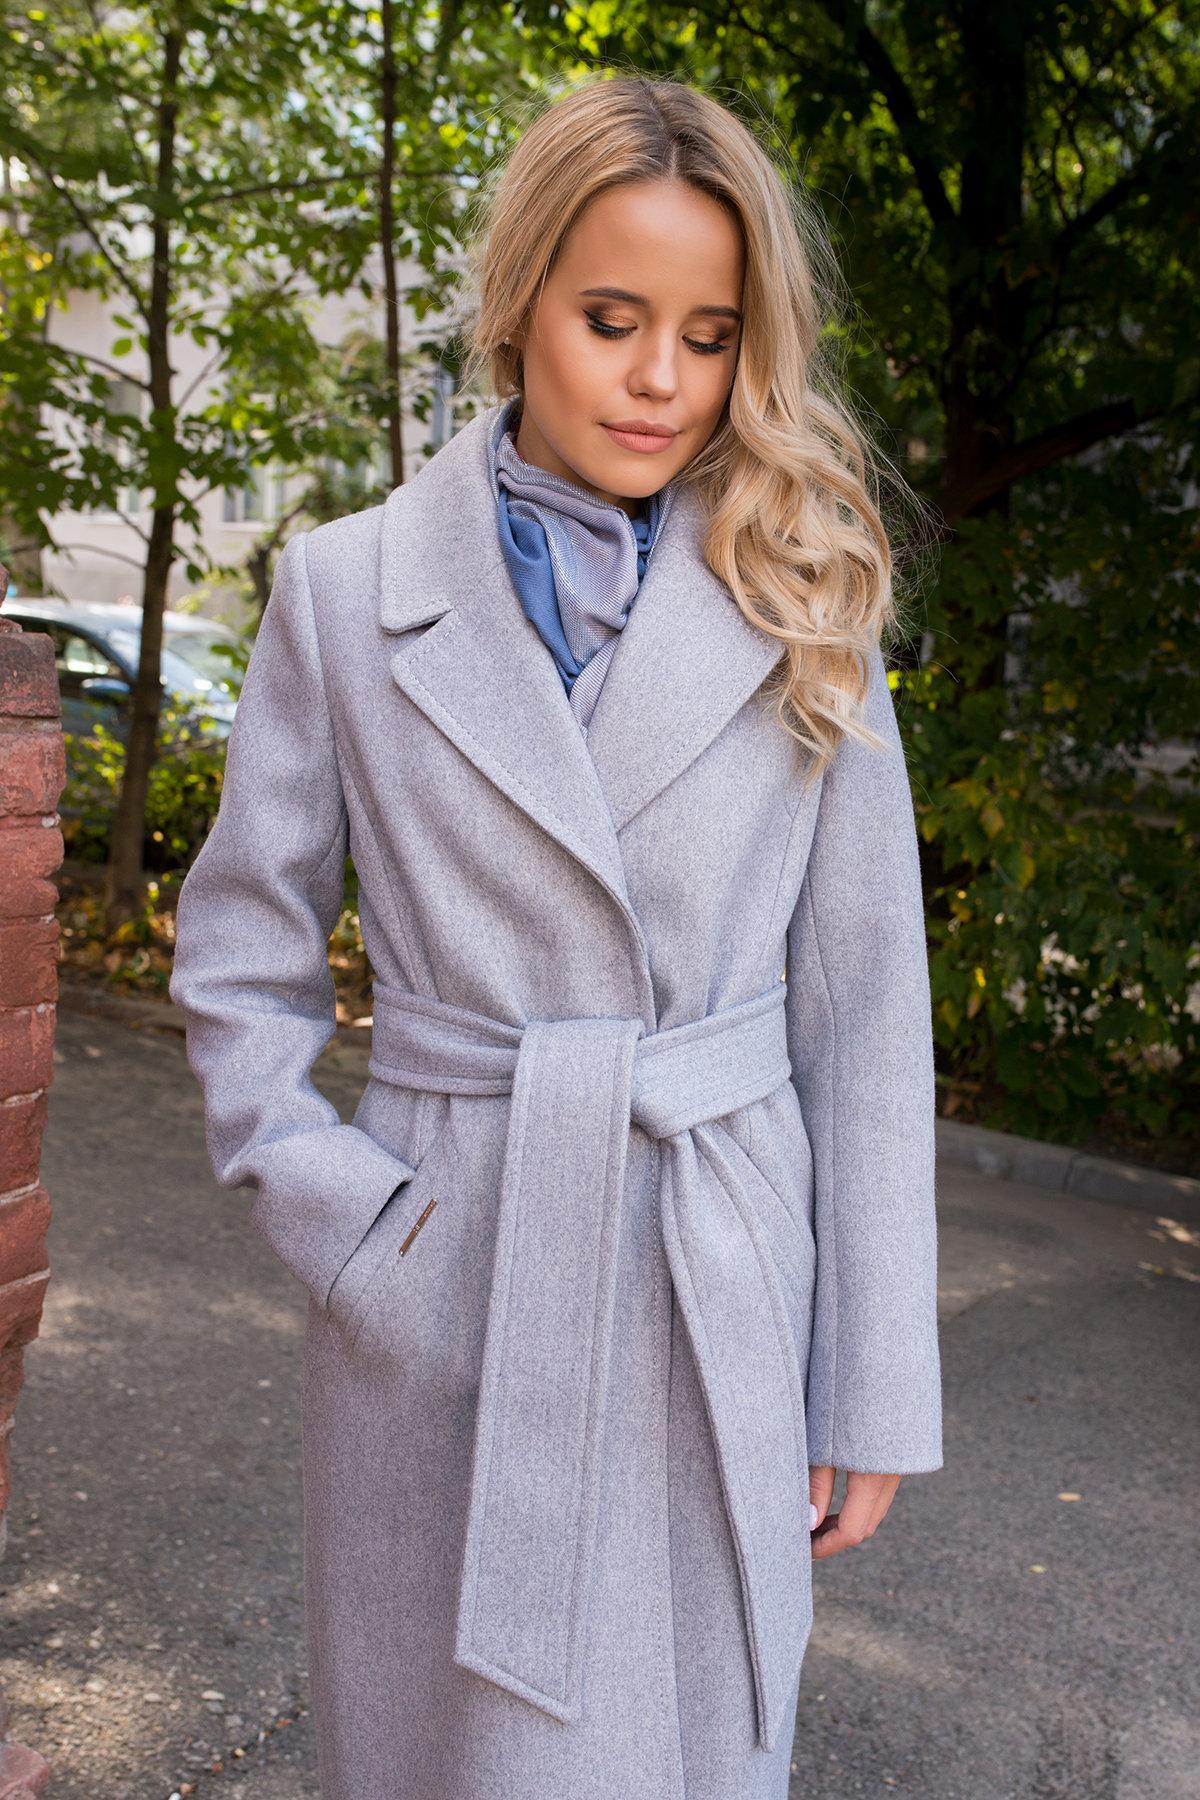 Демисезонное пальто удлиненное Миссури макси 6398 АРТ. 41317 Цвет: Серый 20 - фото 5, интернет магазин tm-modus.ru